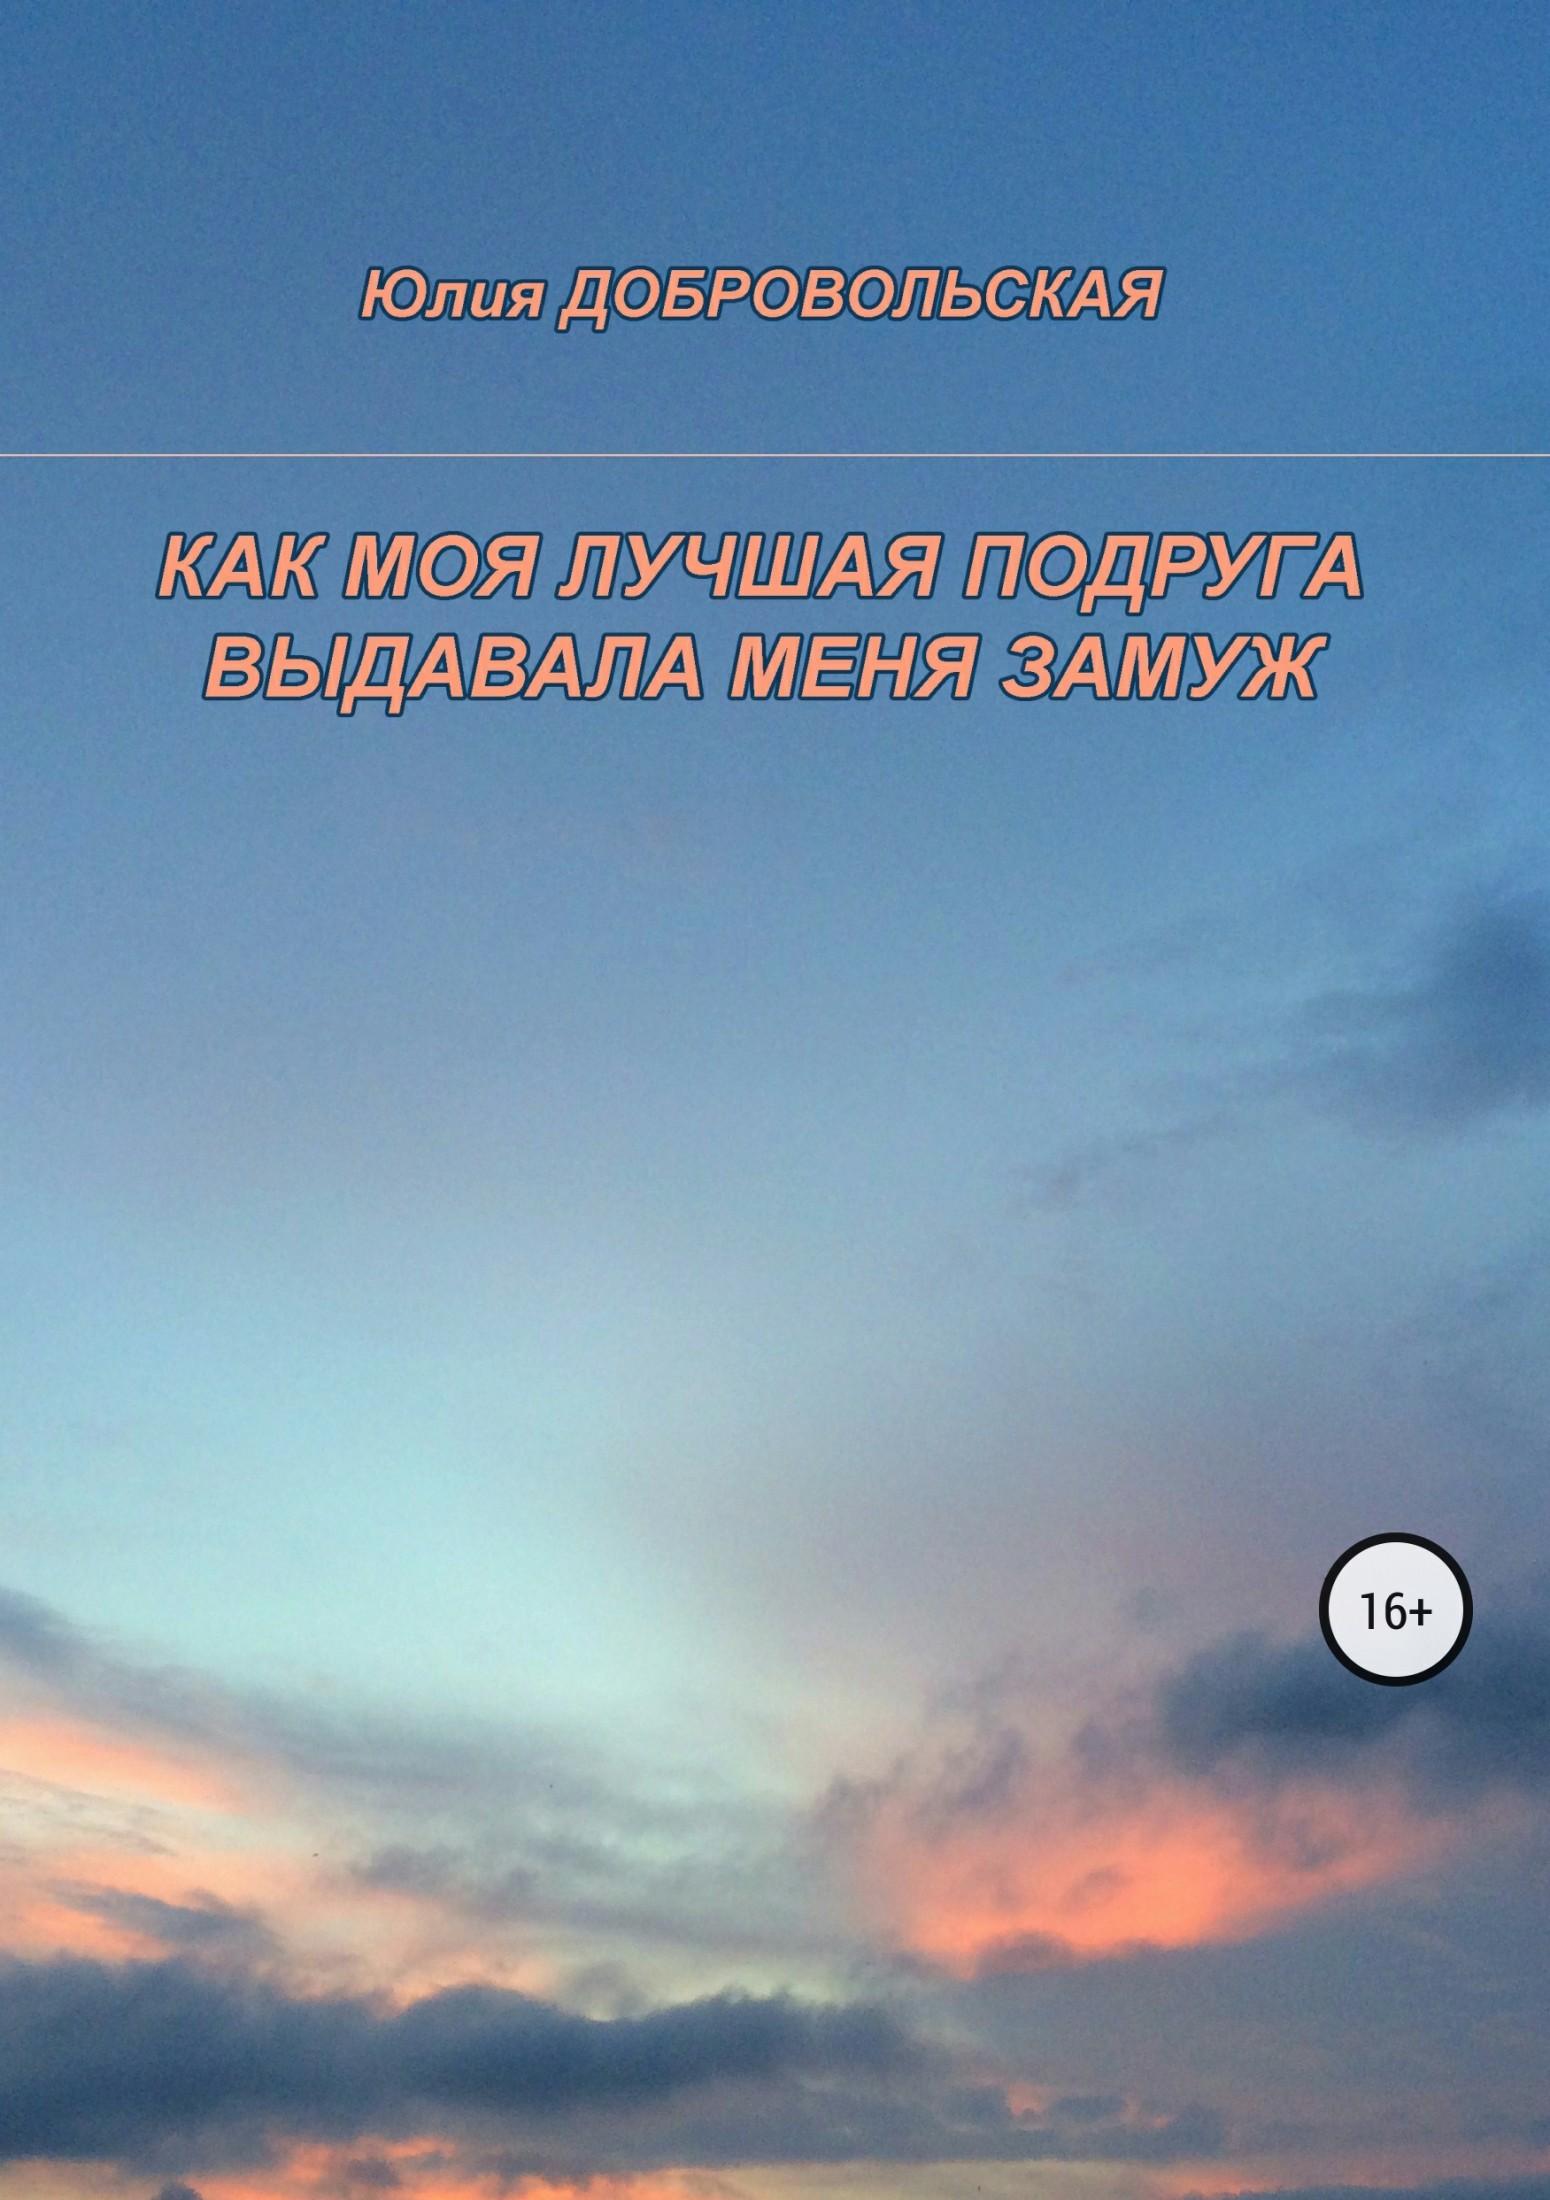 Фото - Юлия Добровольская Как моя лучшая подруга выдавала меня замуж юлия добровольская жизнь как непрерывная череда чудес и ангелов